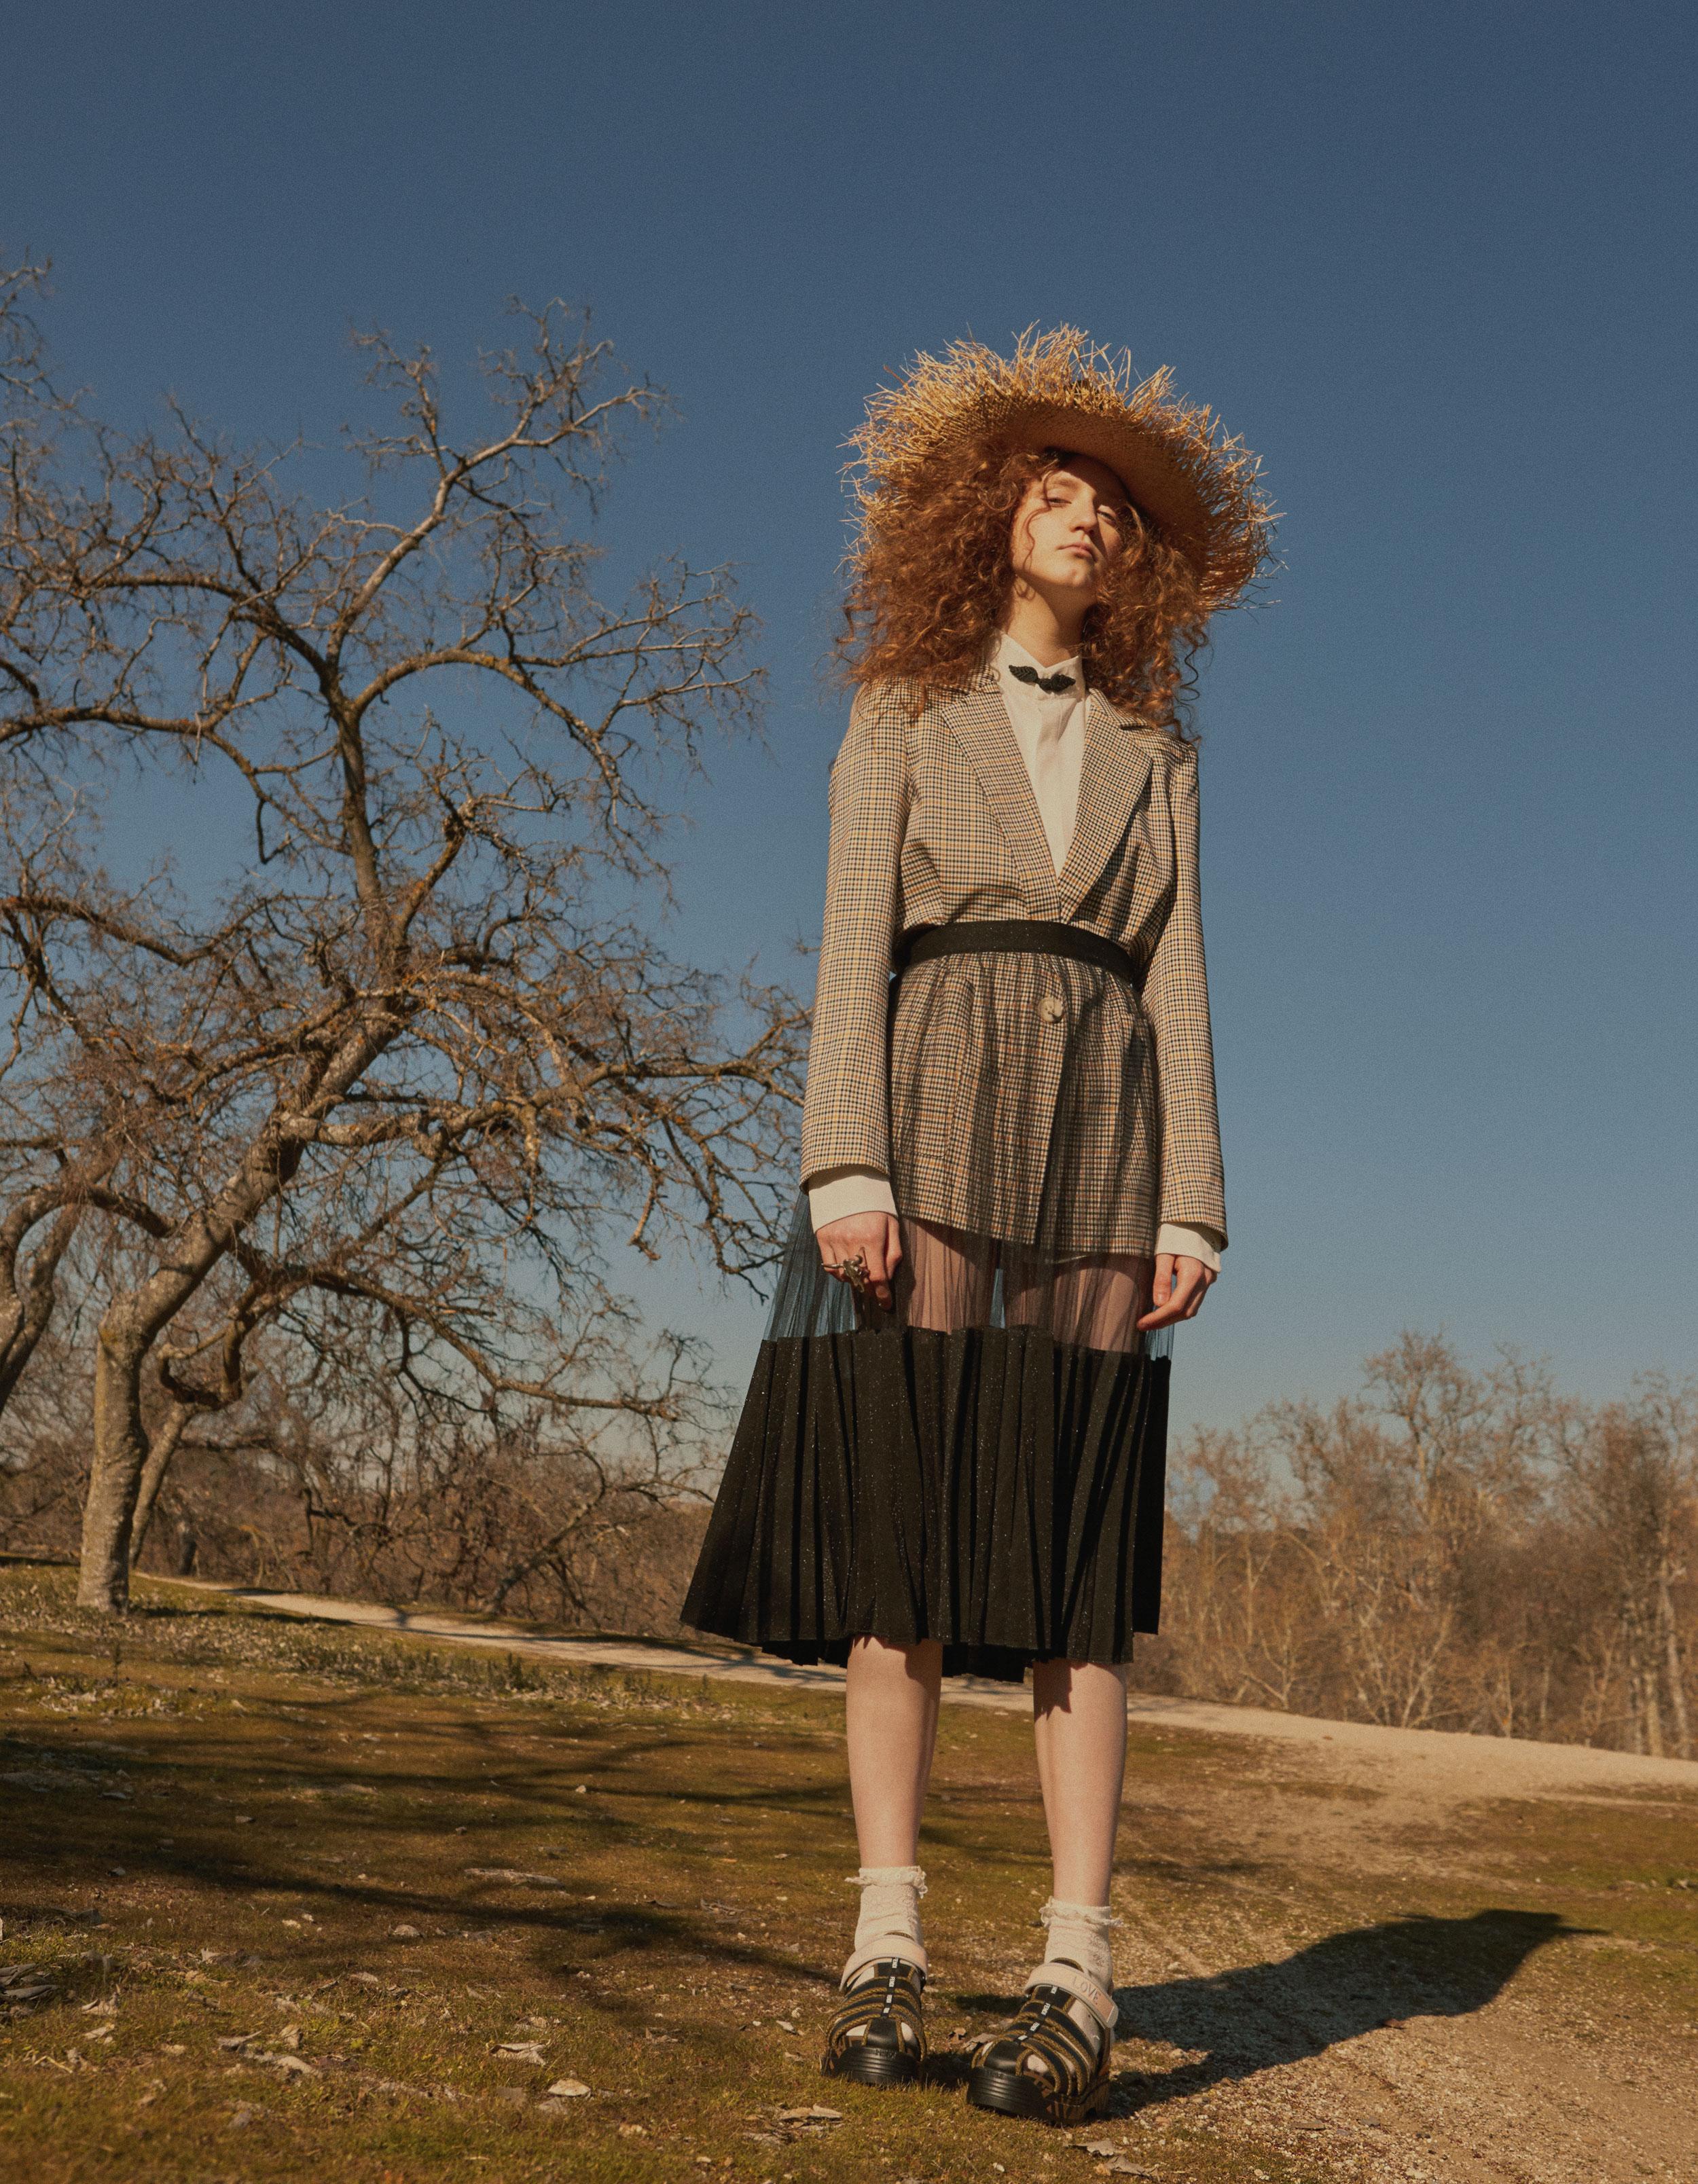 Blusa de  LOS PECOS MUTANTES , falda de  ELISABETTA FRANCHI , sandalias de  FENDI , sombrero de  PARDO HATS  y anillo de  ELENA ESTAÚN.